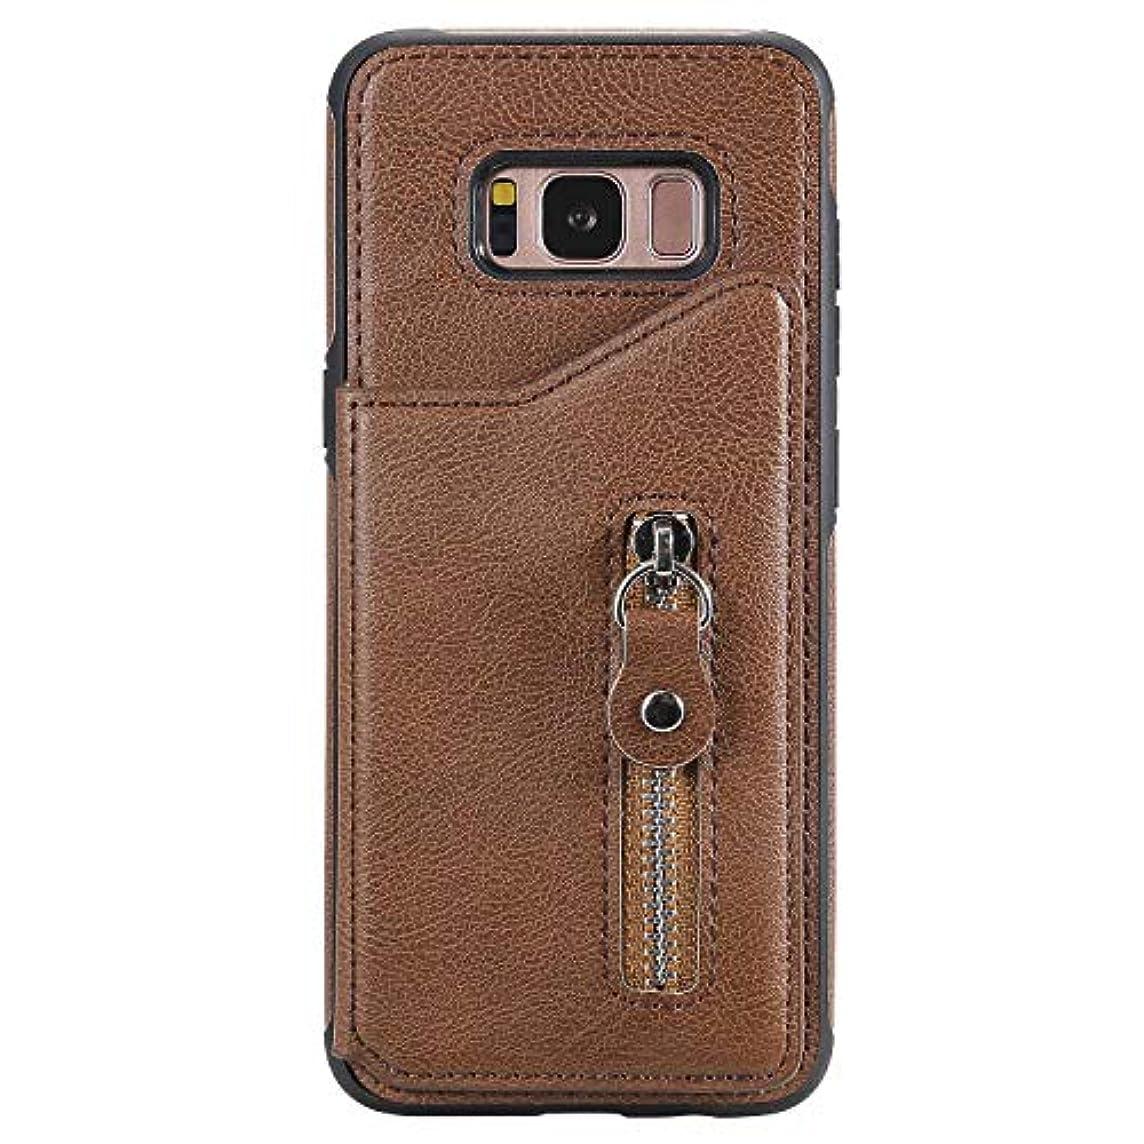 工場ヘルメットデクリメントOMATENTI Galaxy S8 ケース, PUレザー 薄型 簡約風 人気 新品 バックケース Galaxy S8 用 Case Cover, 財布とコインポケット付き, 液晶保護 カード収納, 褐色